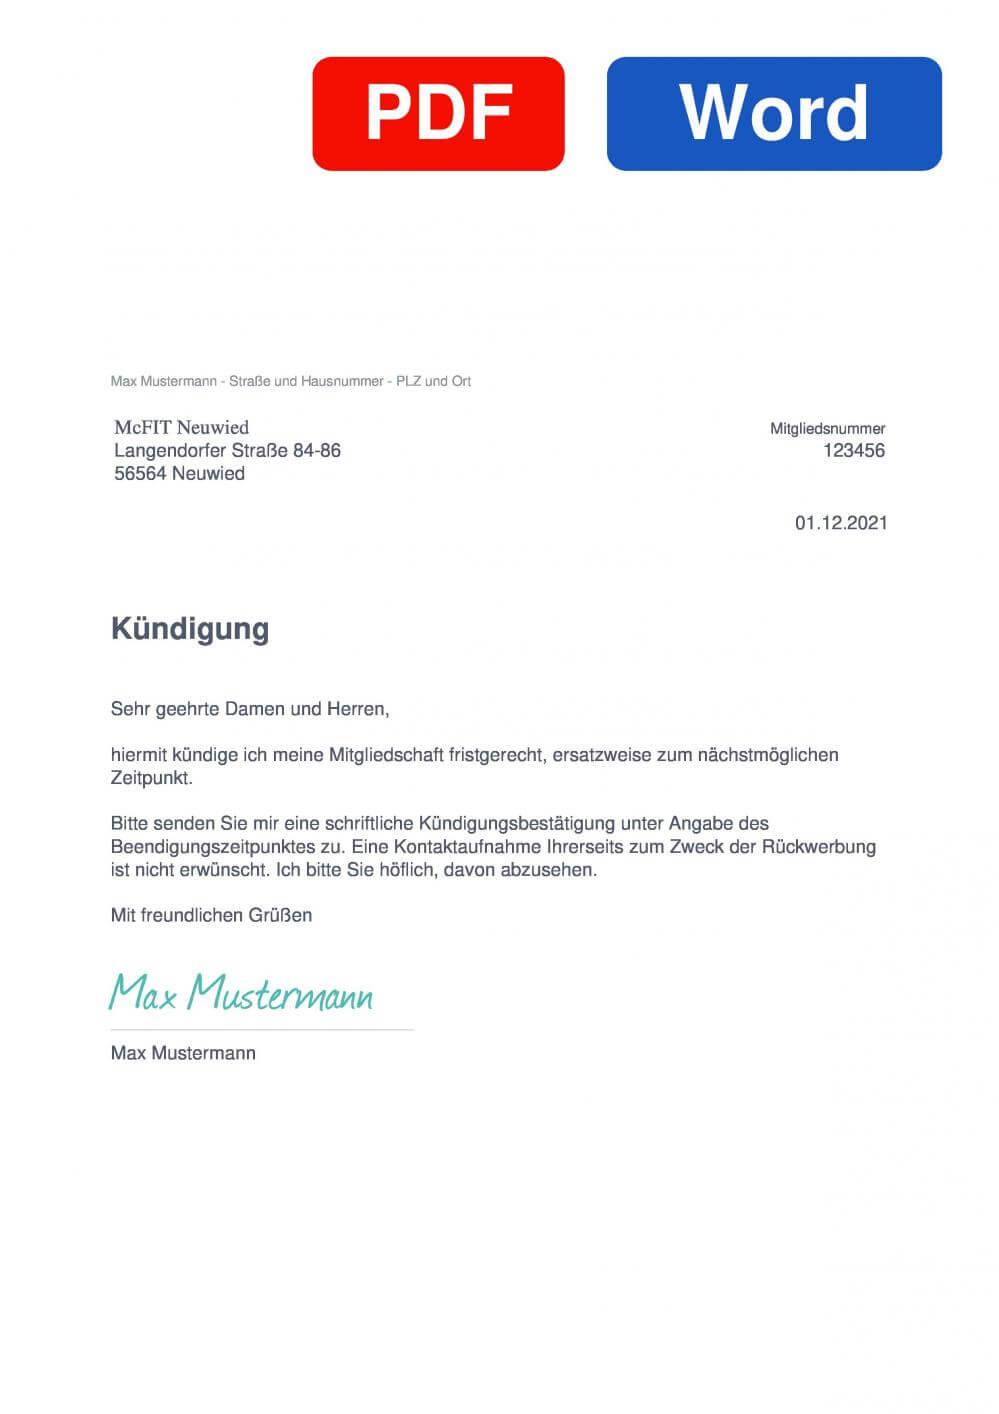 McFIT Neuwied Muster Vorlage für Kündigungsschreiben